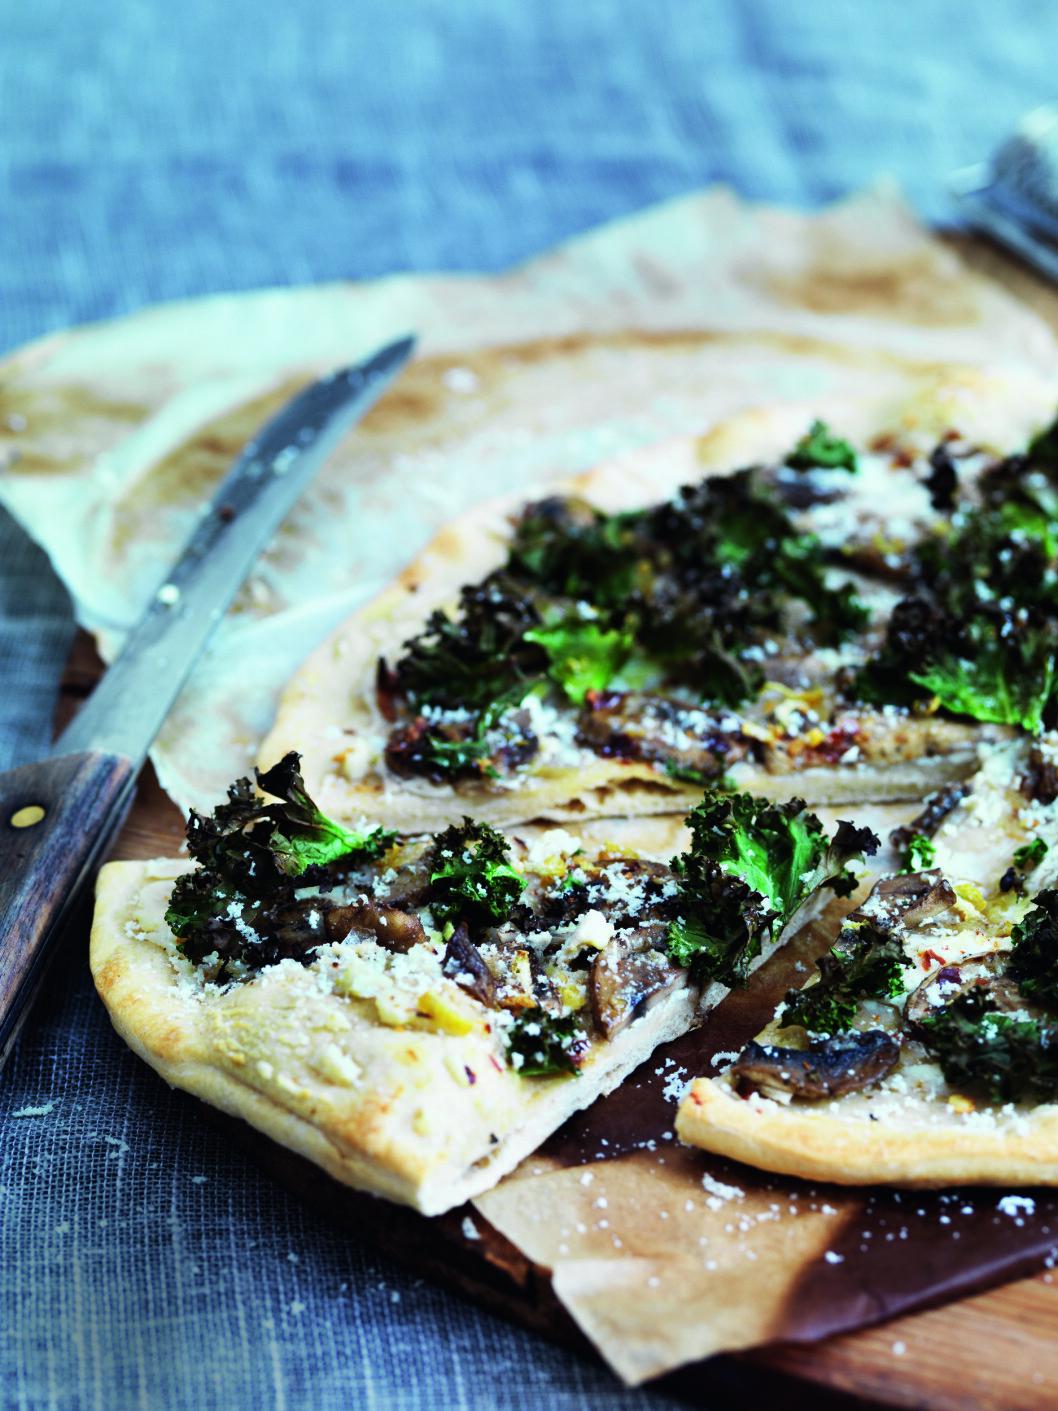 SPESIELL PIZZA: Det finnes ingen grenser for hva man kan gjøre på en pizza. Hvorfor ikke prøve denne med grønnkål. Foto: All Over Press